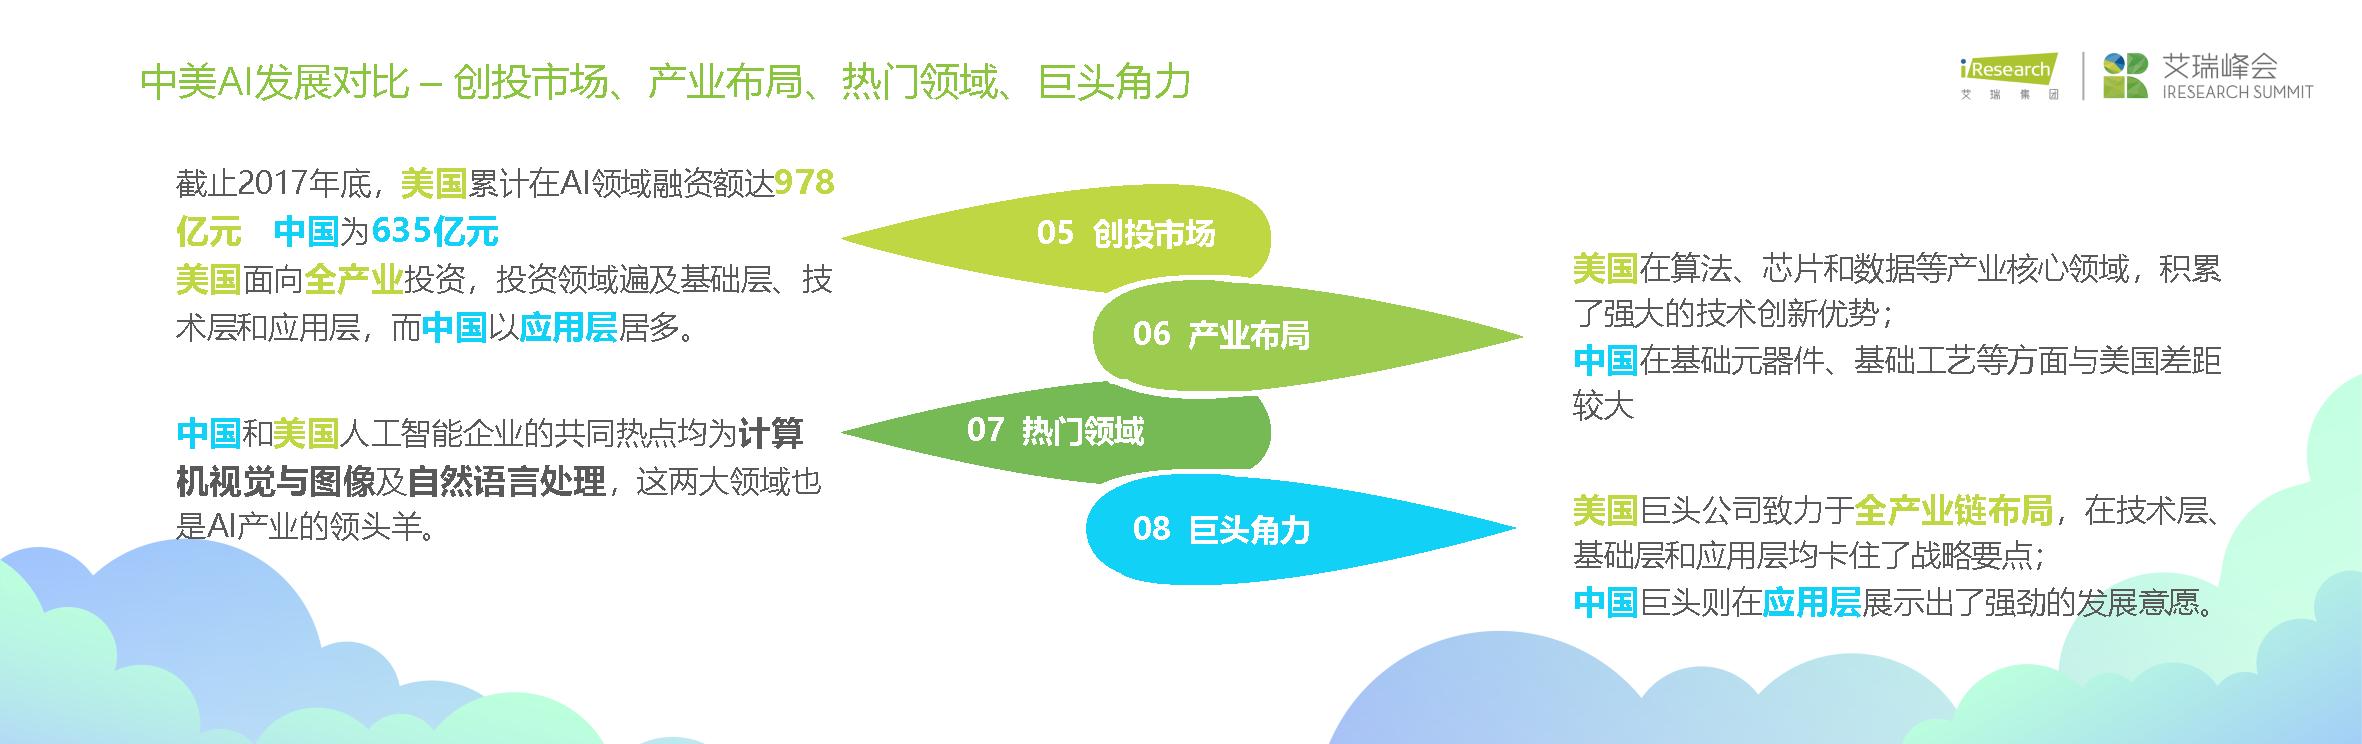 中国智造投资机会深圳峰会演讲PPTJaniceFinal_页面_15.png